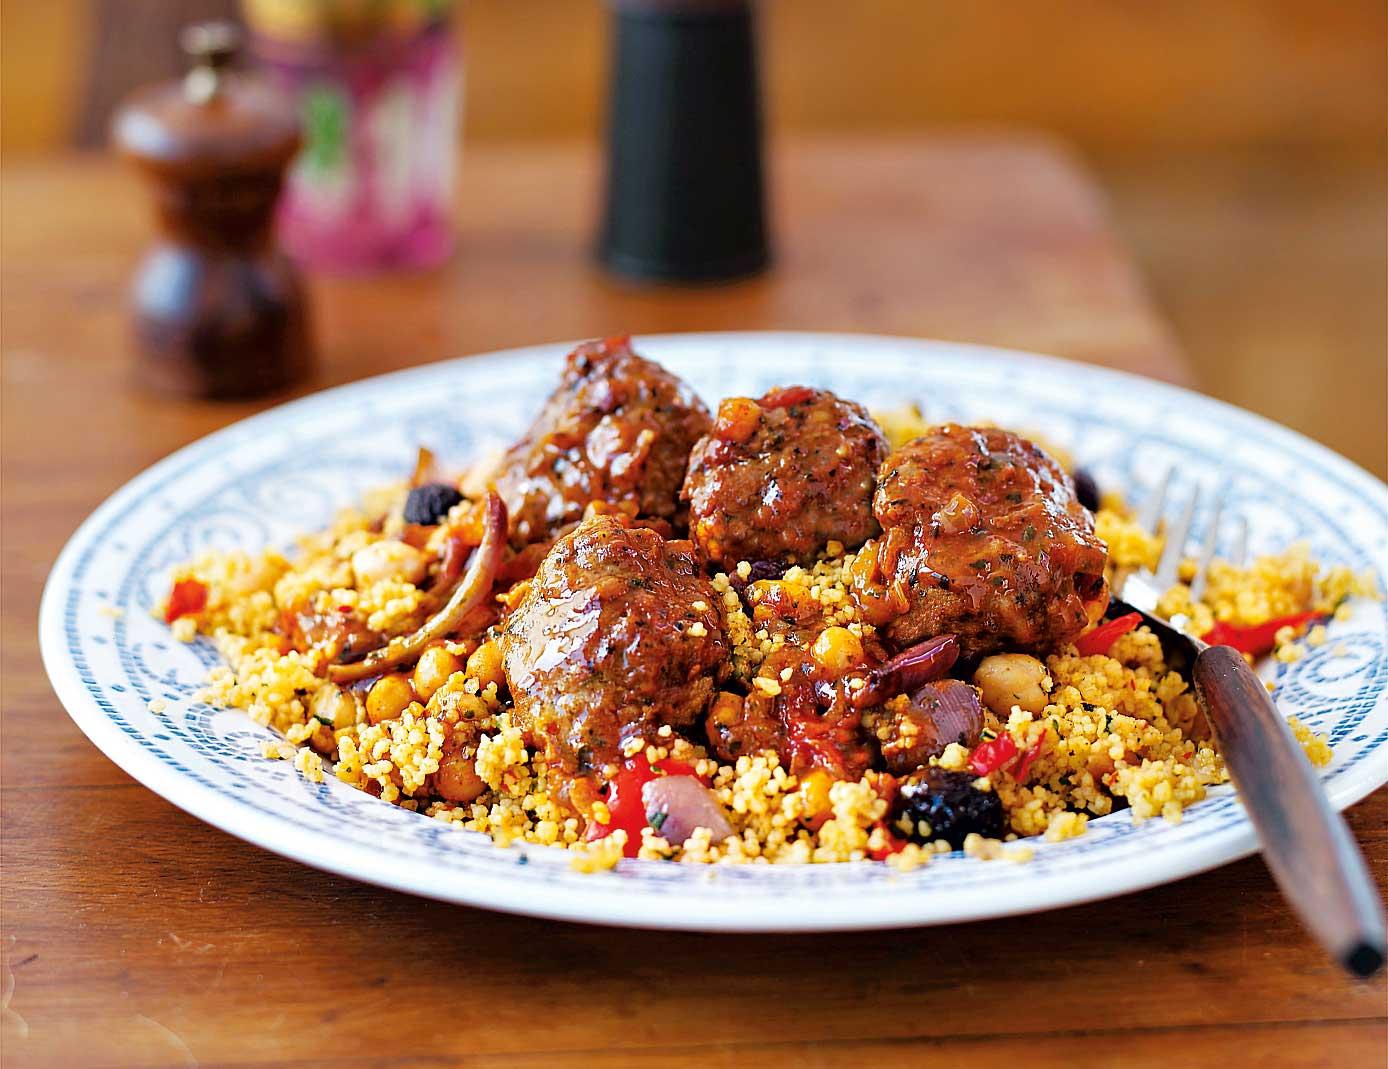 Кухни мира: 4 рецепта изразных стран